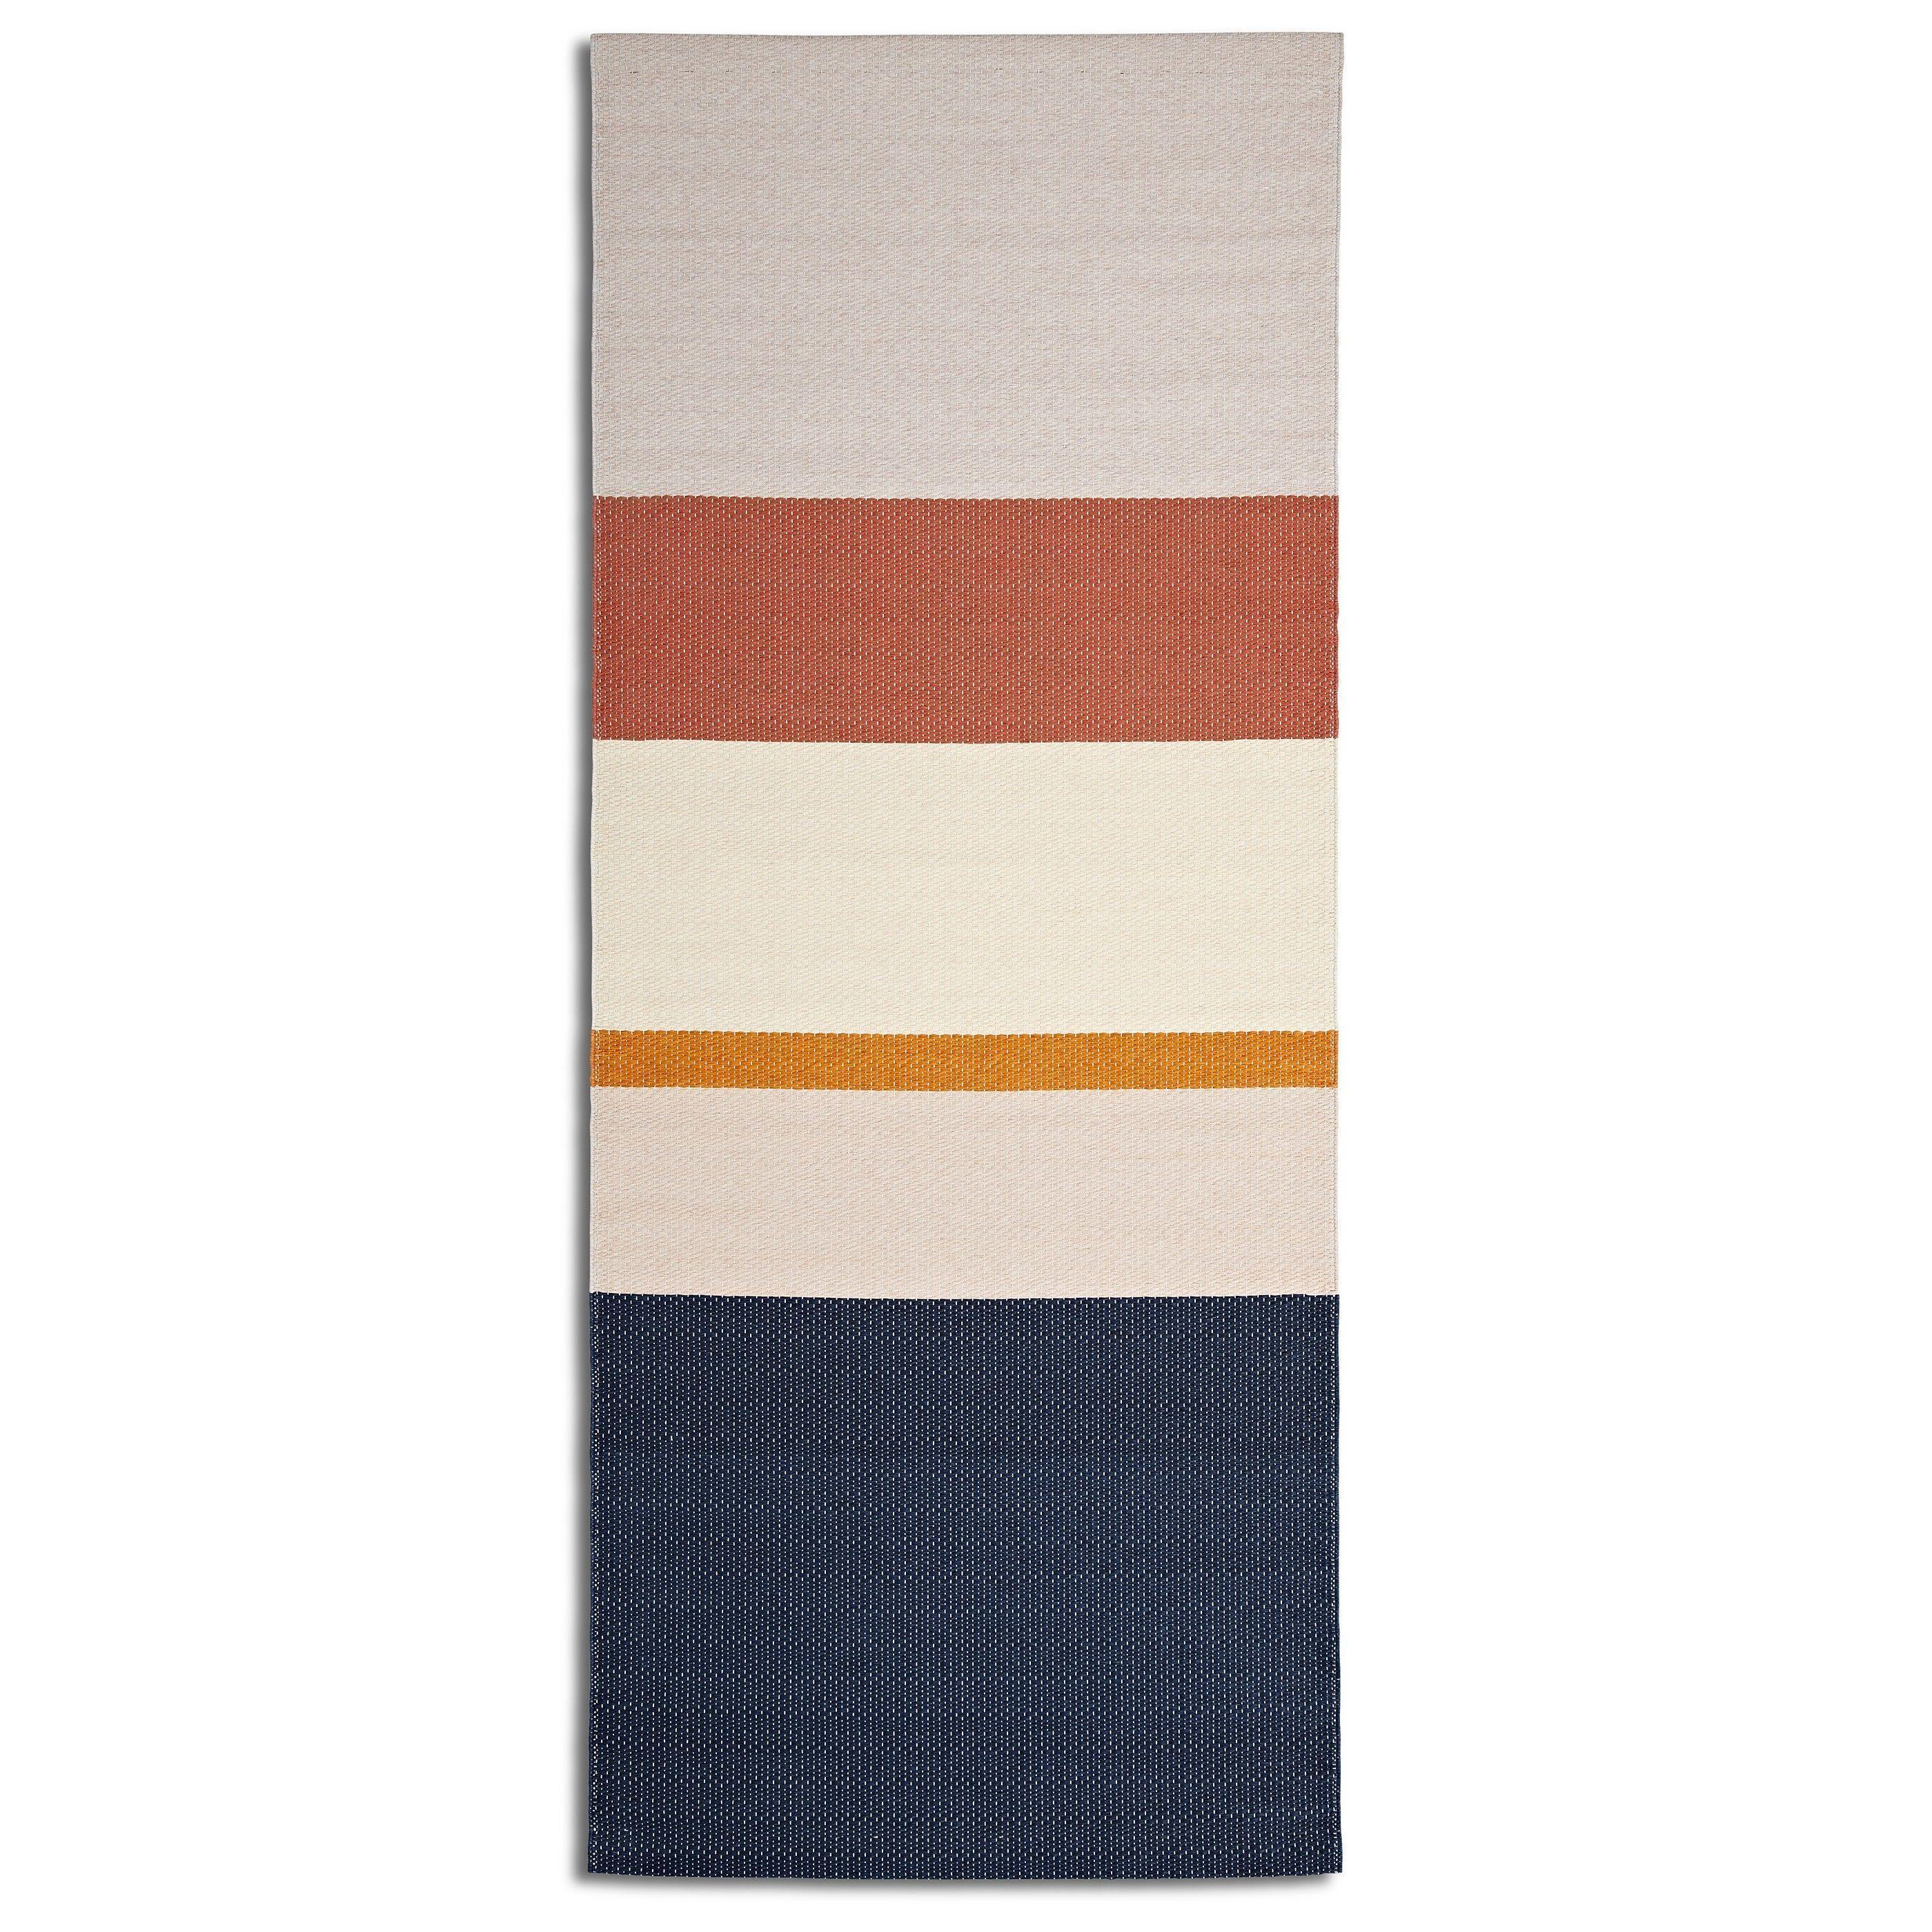 Hay Paper Carpet Cinnamon Powder vloerkleed 80x200  FLINDERS verzendt ...